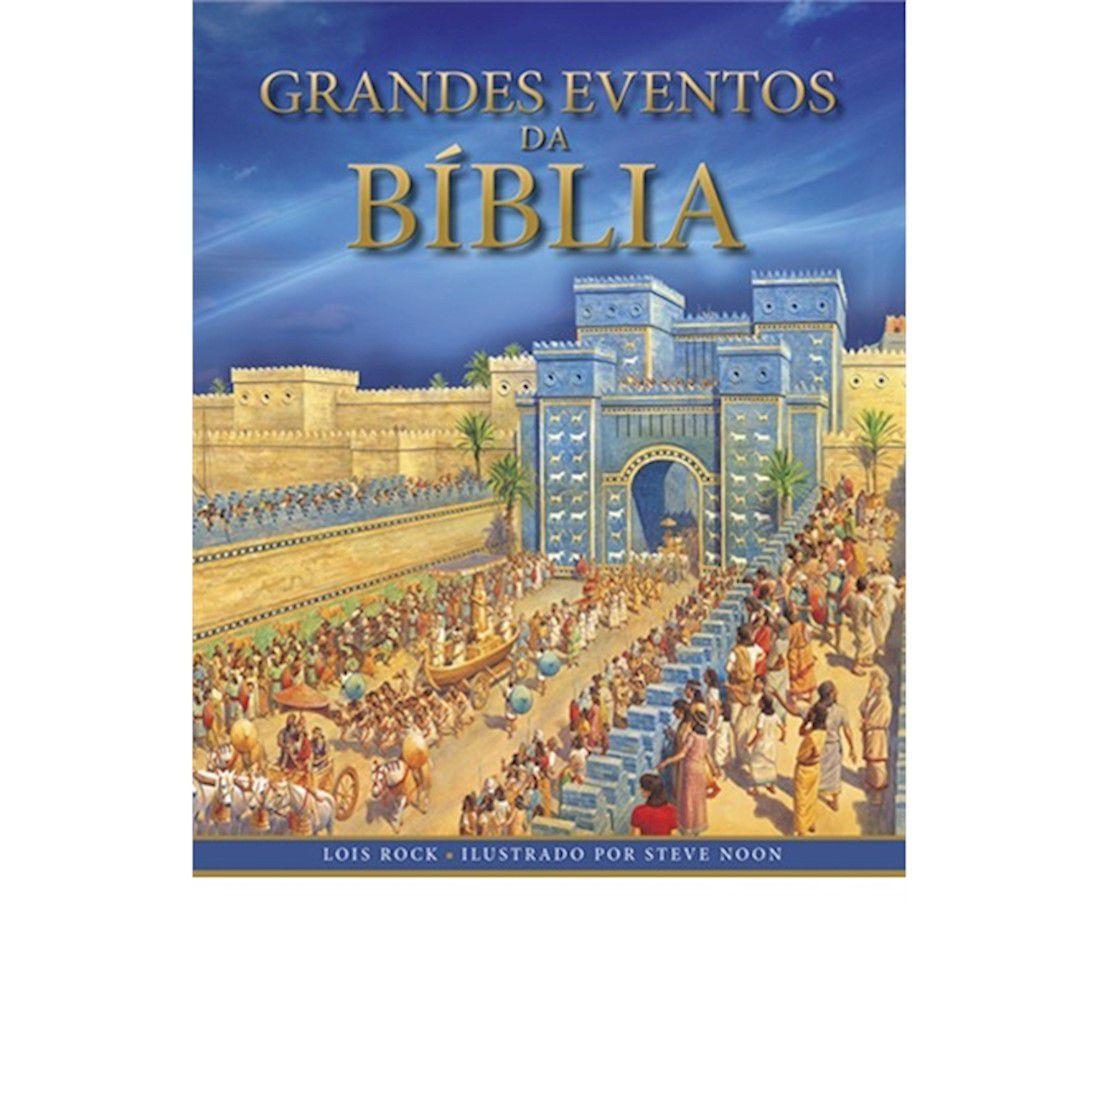 Livro Grandes Eventos da Bíblia